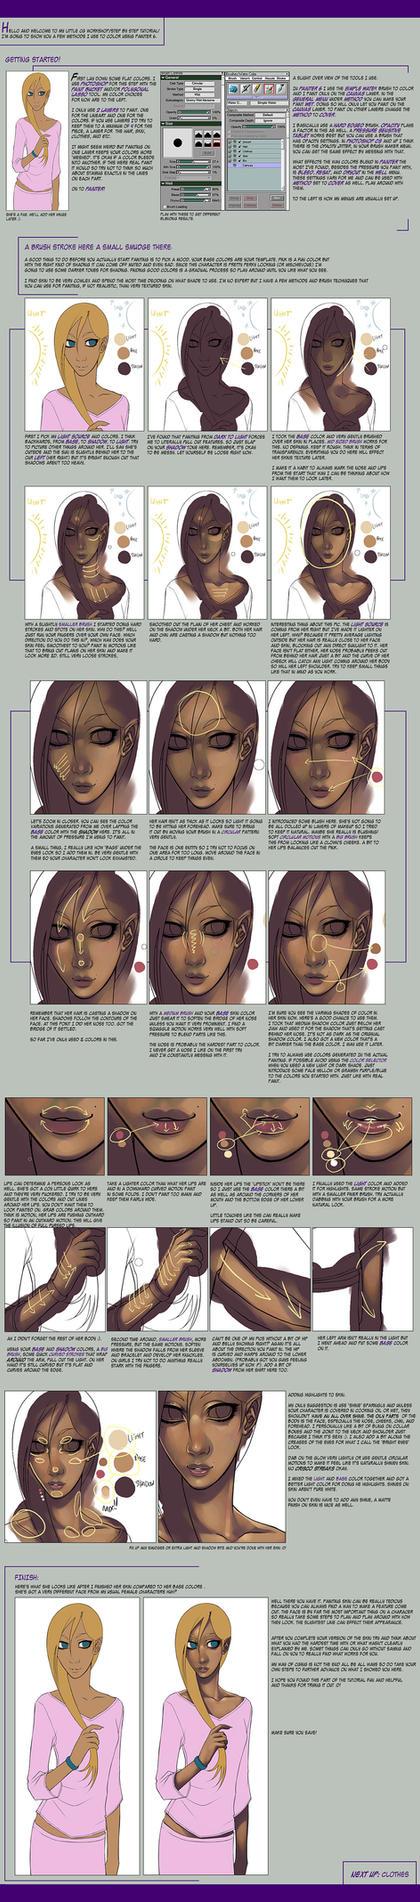 CG Session 01: Skin by Nashya